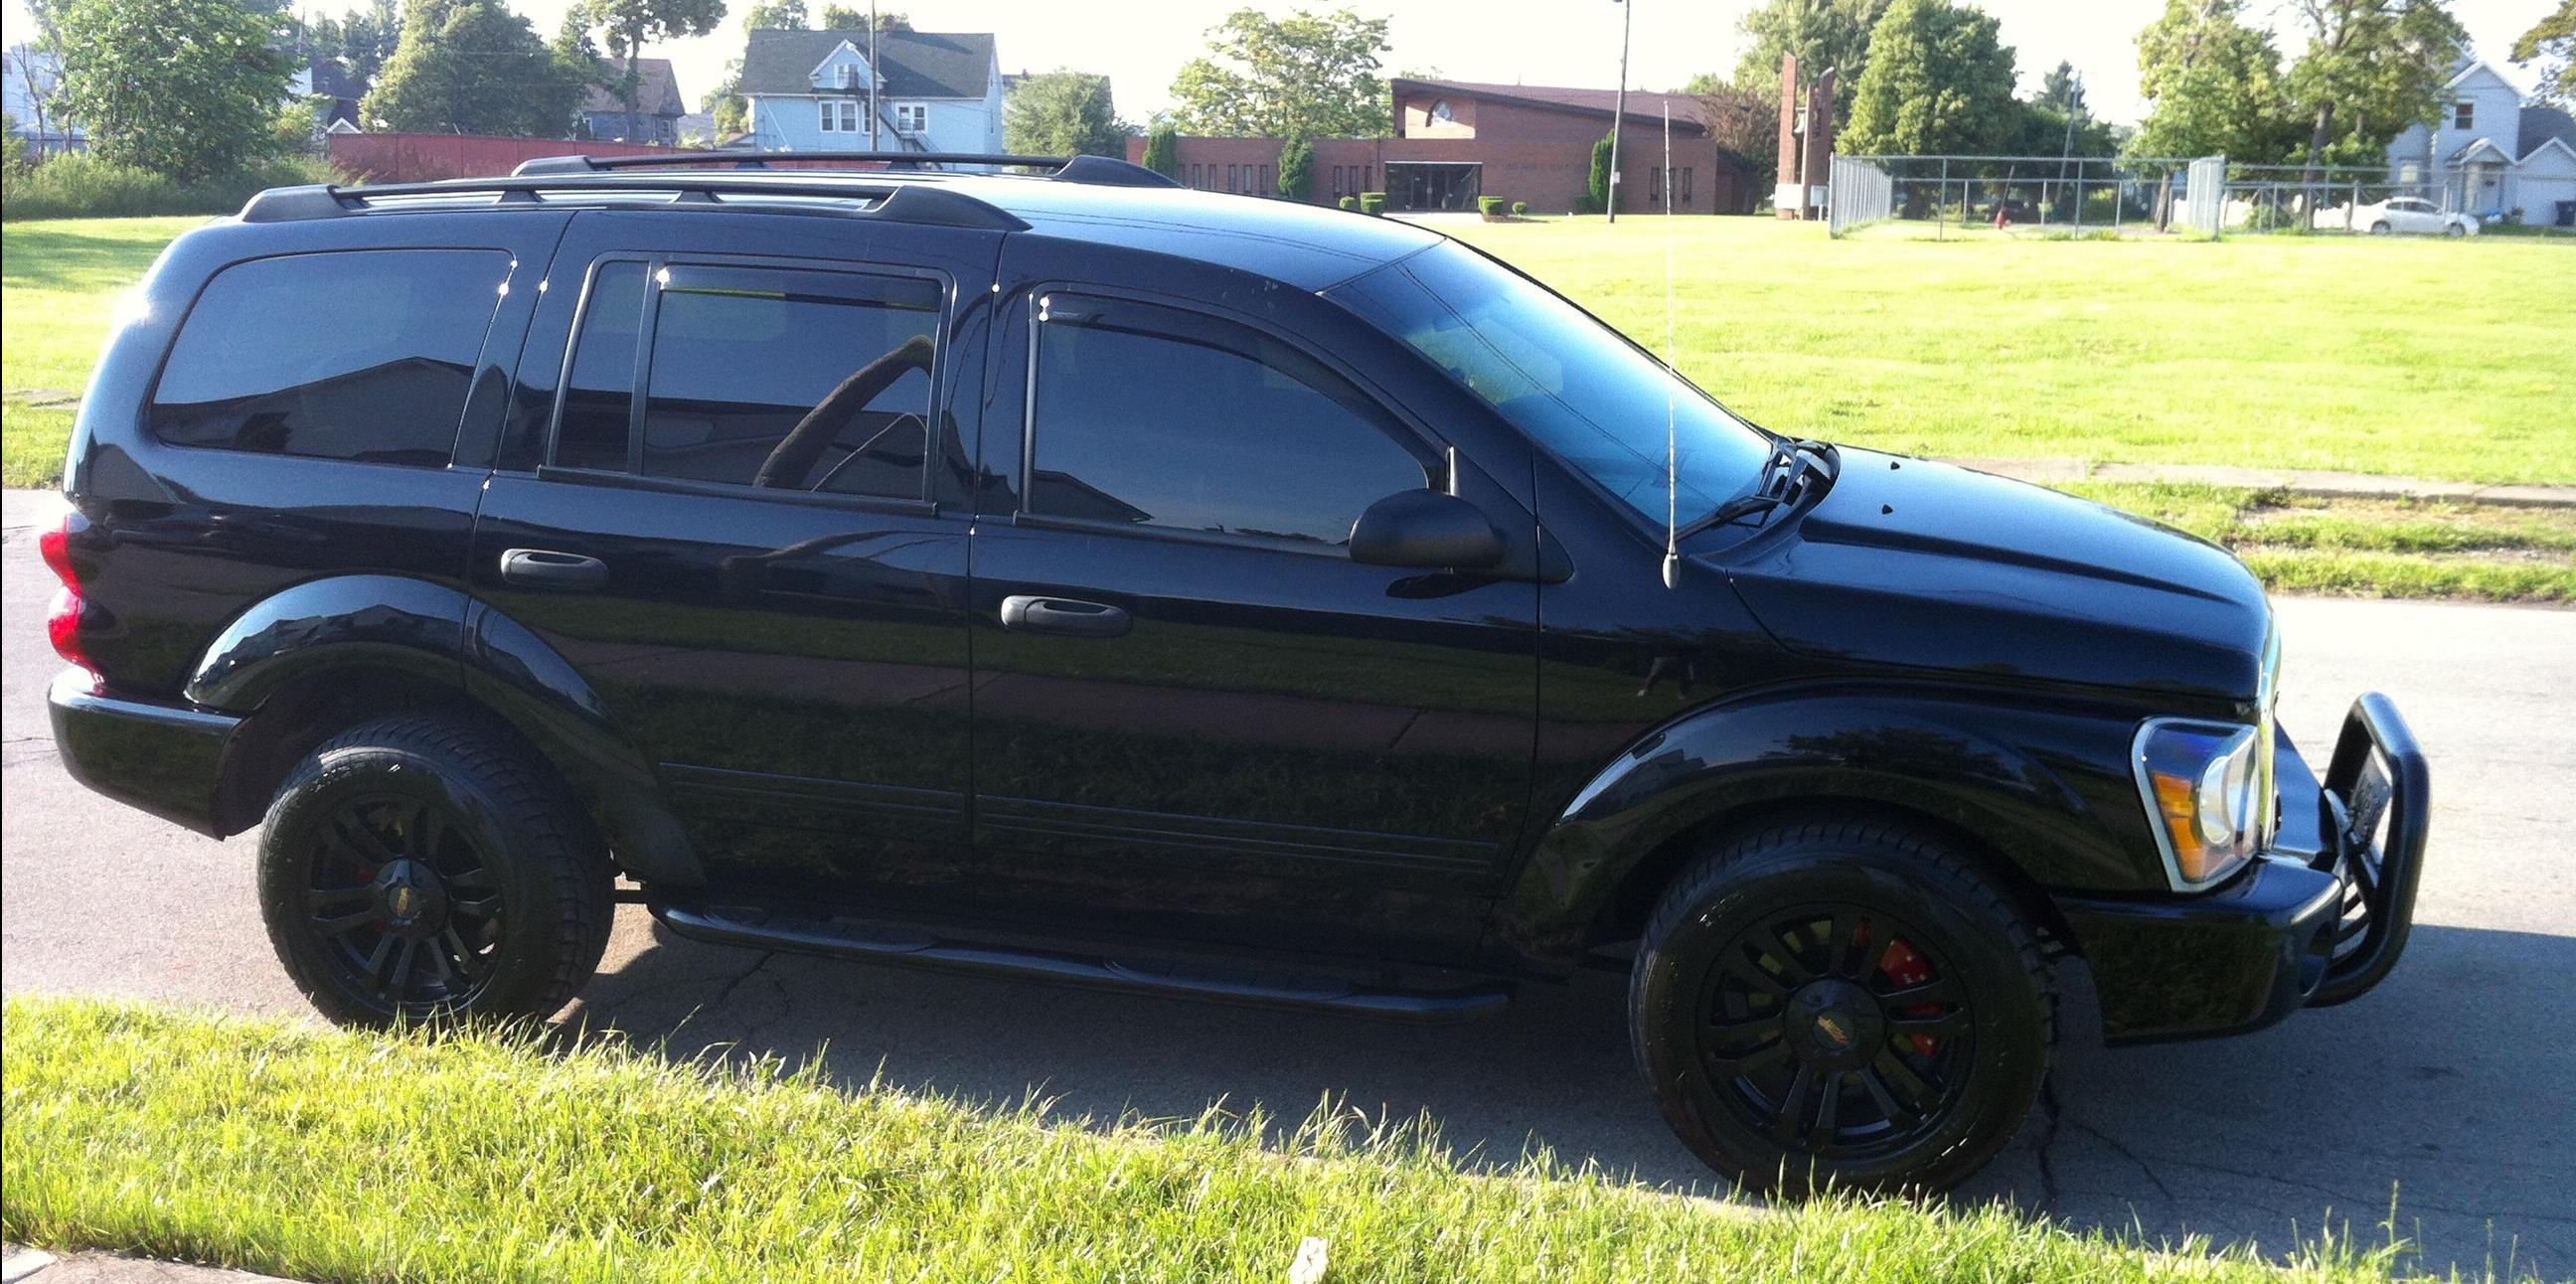 Dodge durango in kernersville maxresdefault jpg 1 280 720 pixels off road lovers pinterest